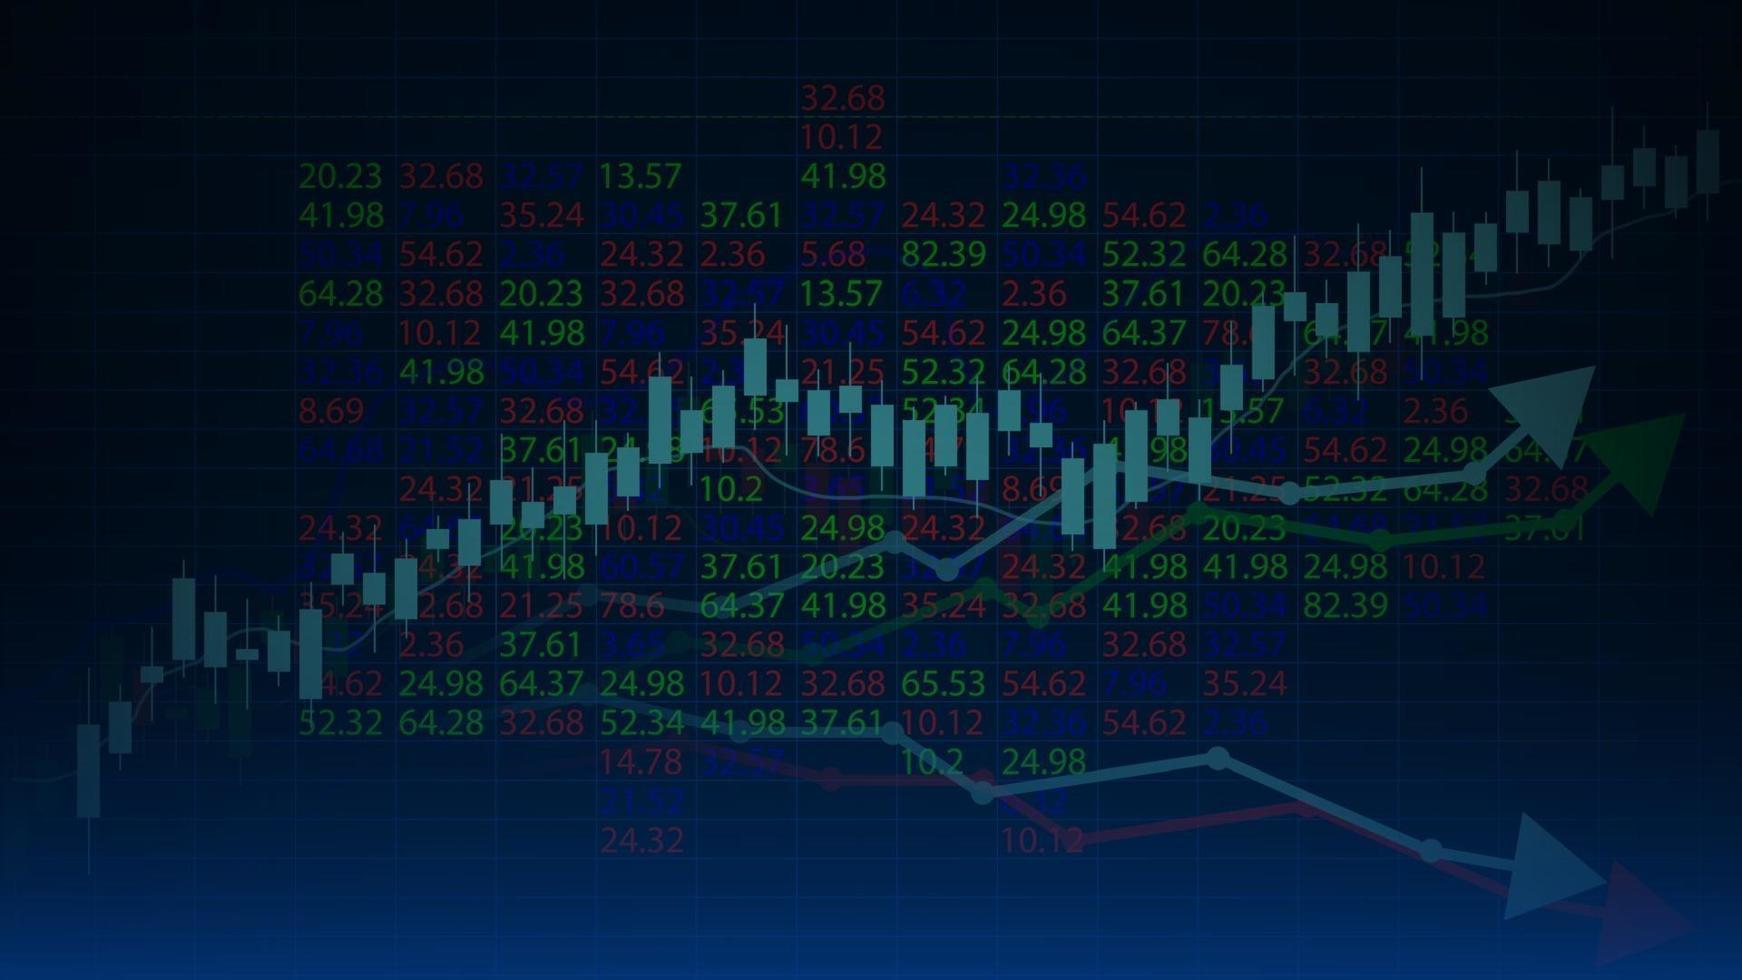 graphique boursier graphique de négociation pour les concepts commerciaux et financiers, illustration vectorielle vecteur